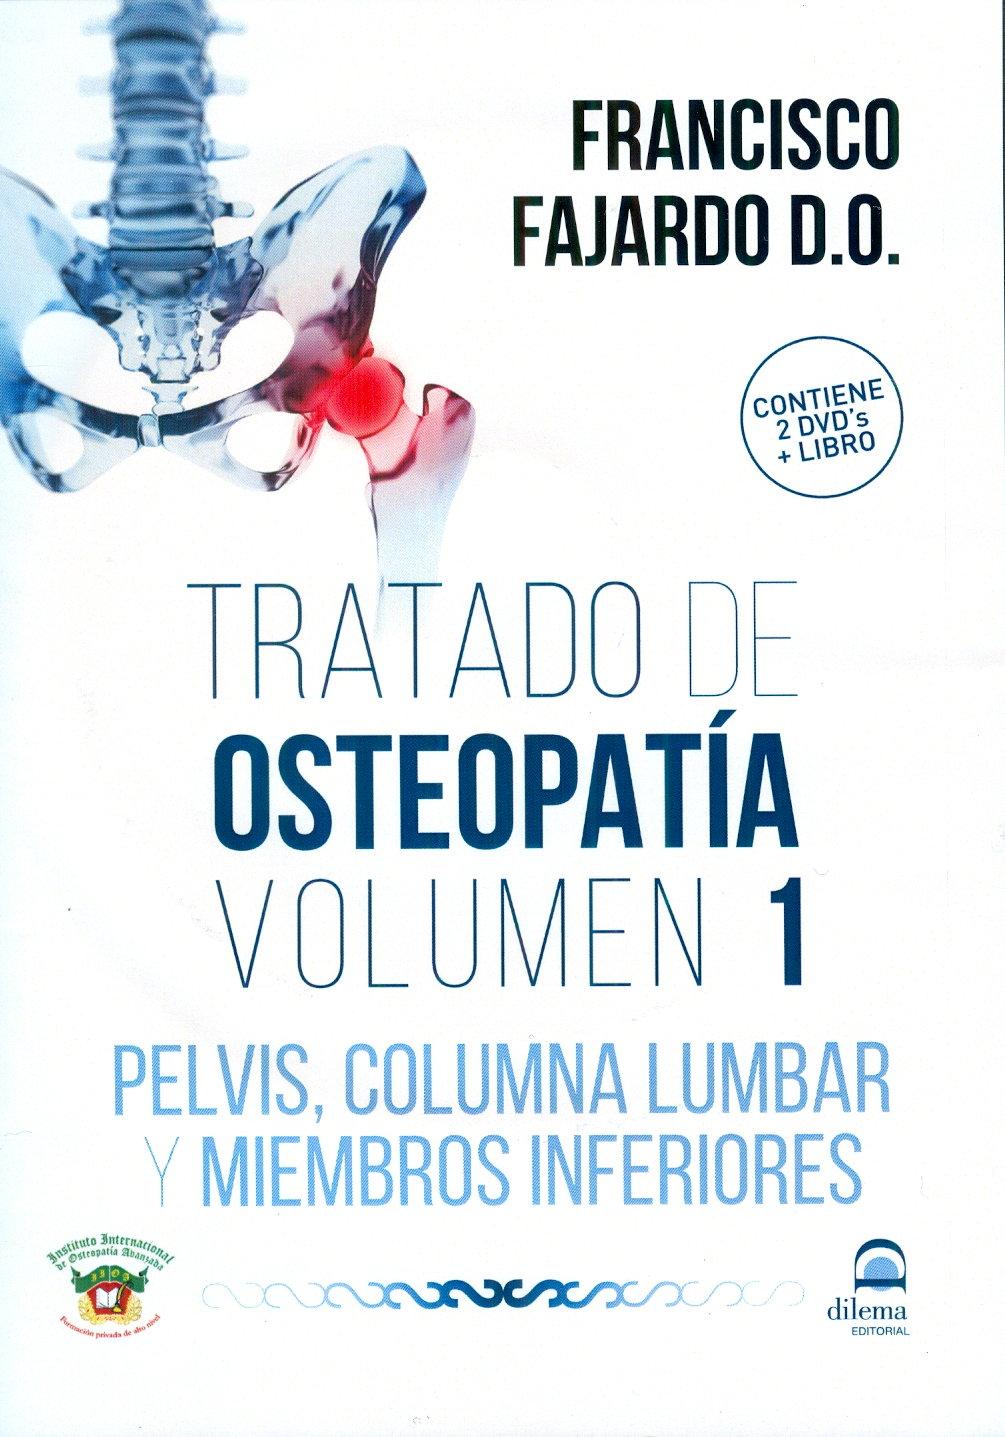 Tratado de osteopatía Volumen 1 Image